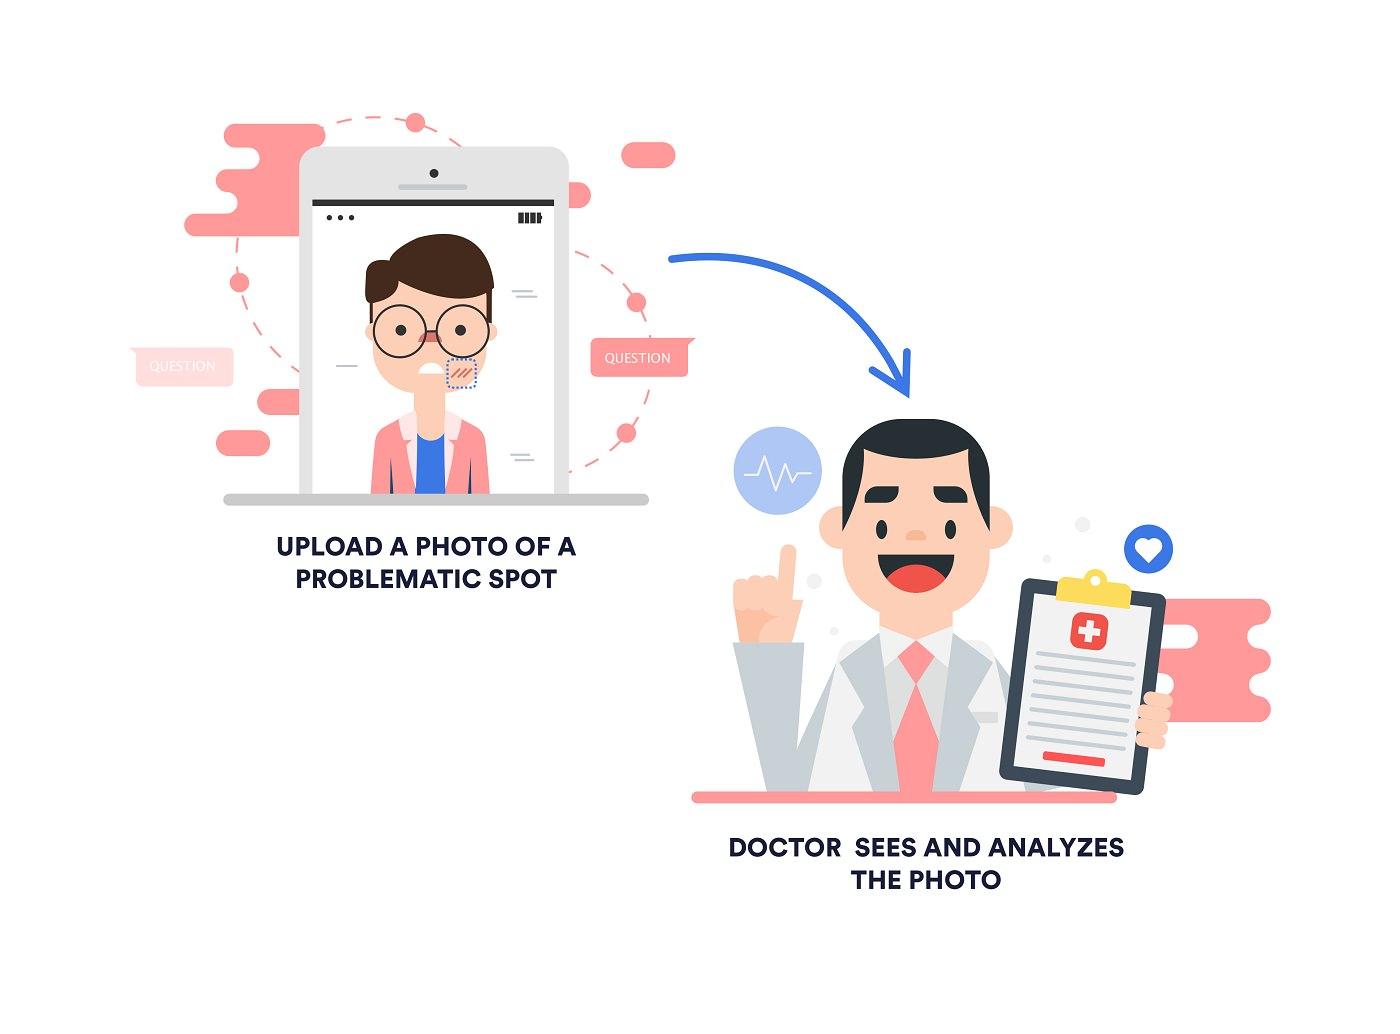 Telemedicine online consultation